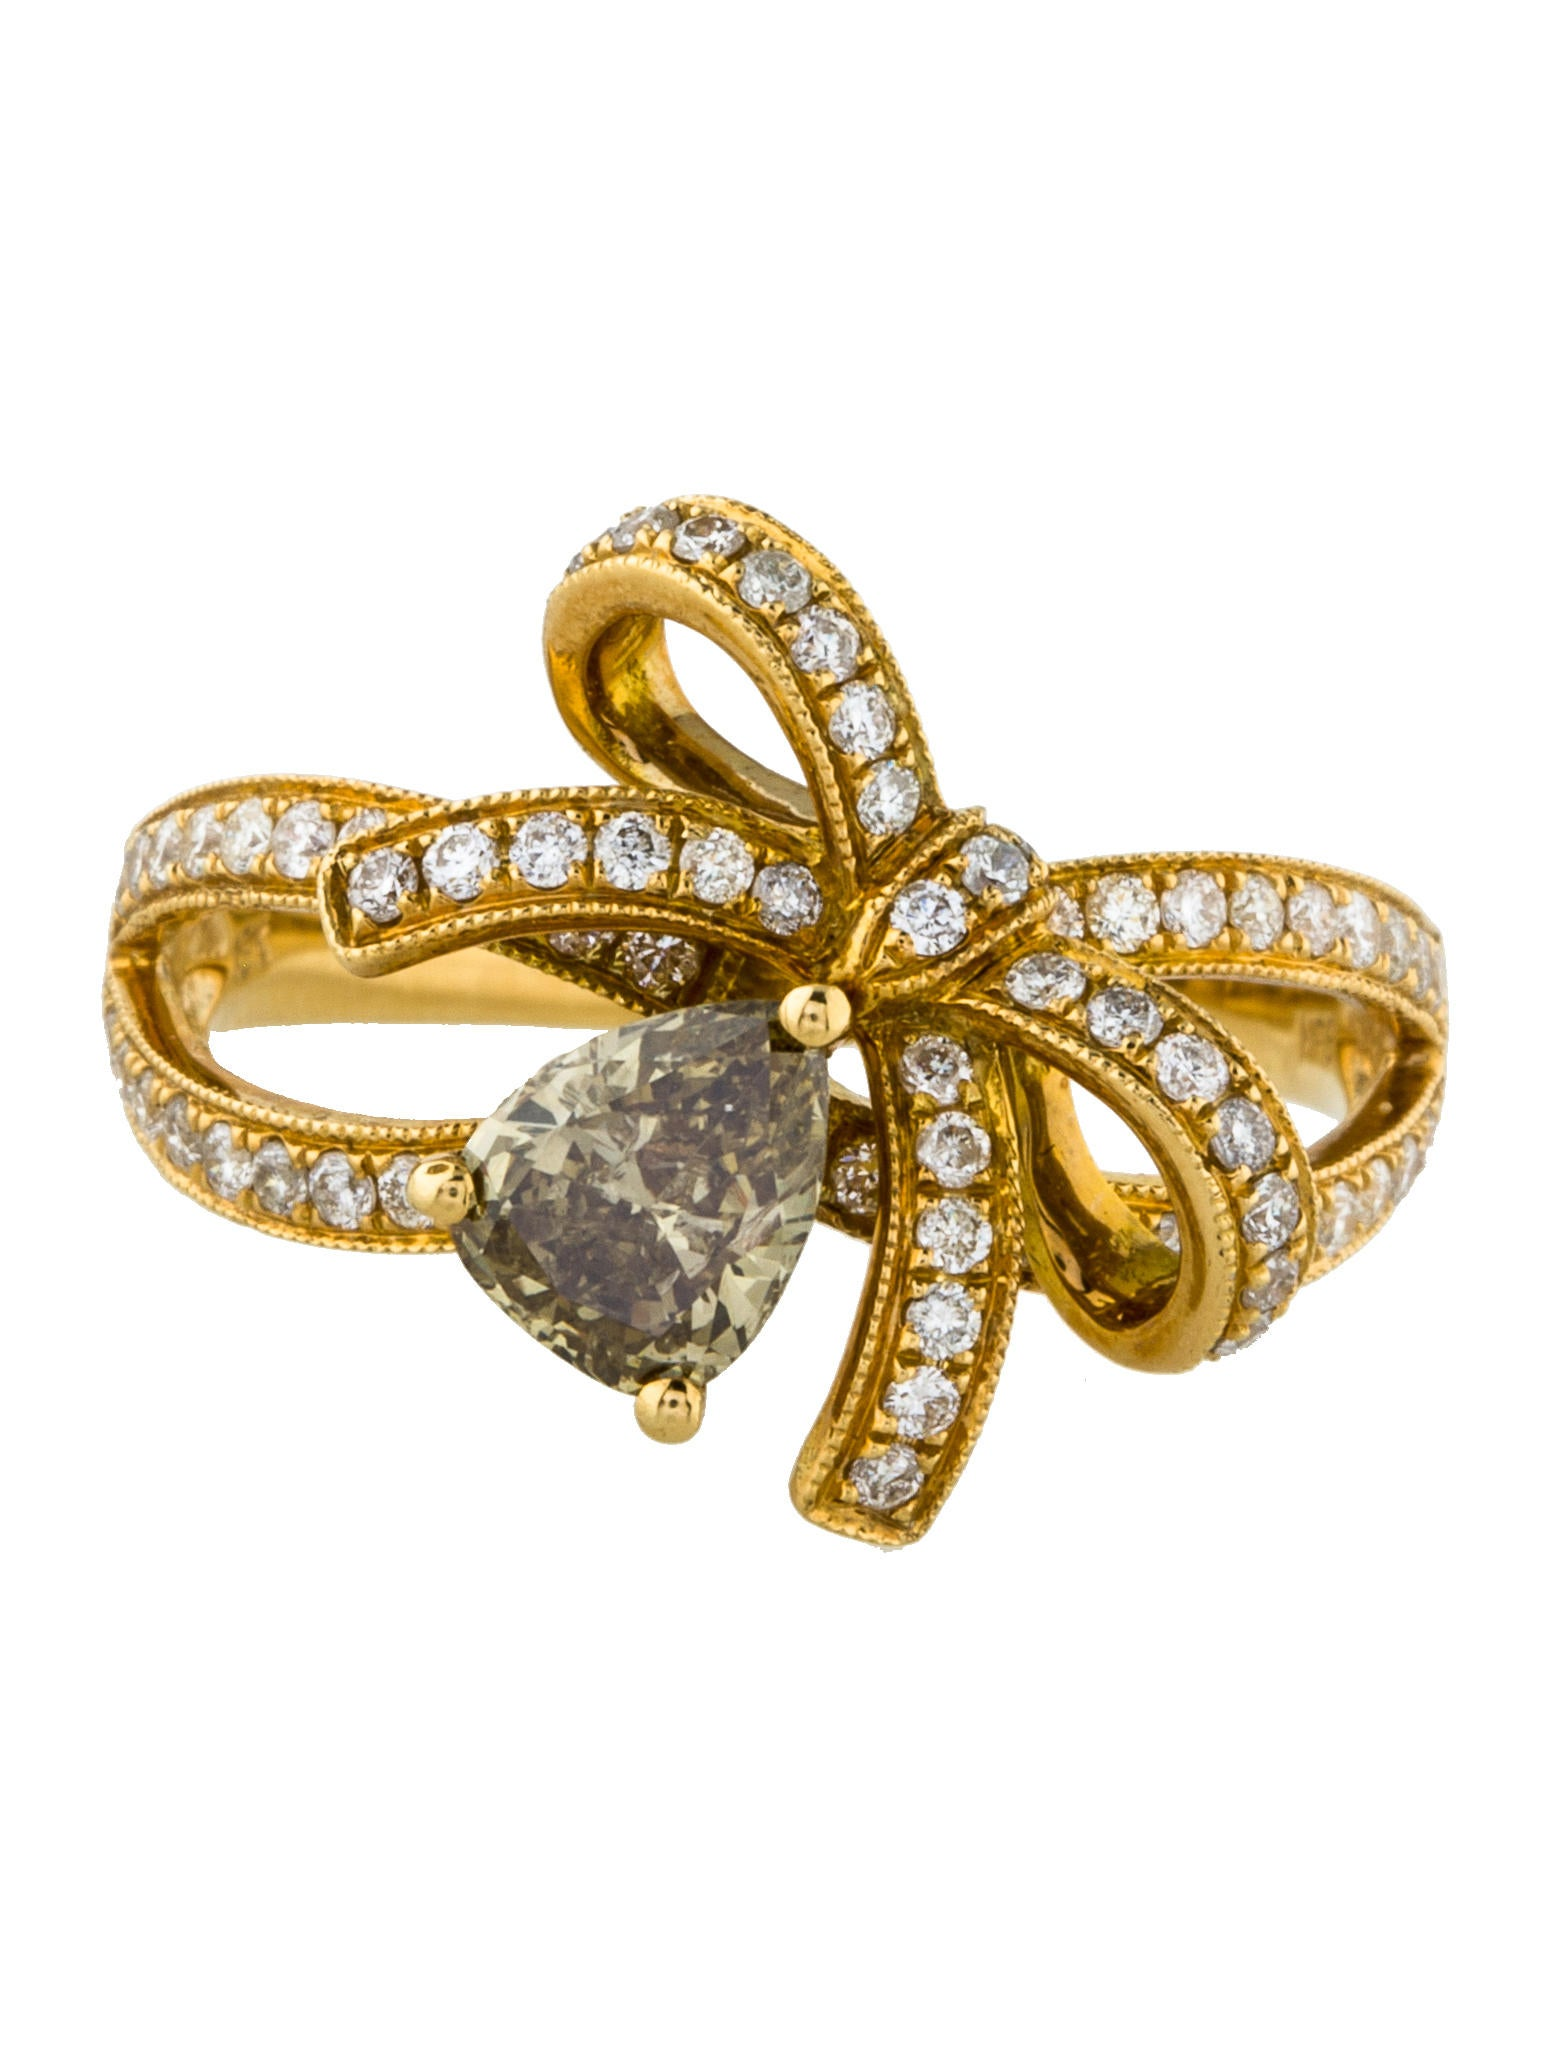 Ring Bow Il Gioiello Personalizzabile Con La Tua Nailart: 18K Diamond Bow Cocktail Ring - Rings - RRING39643